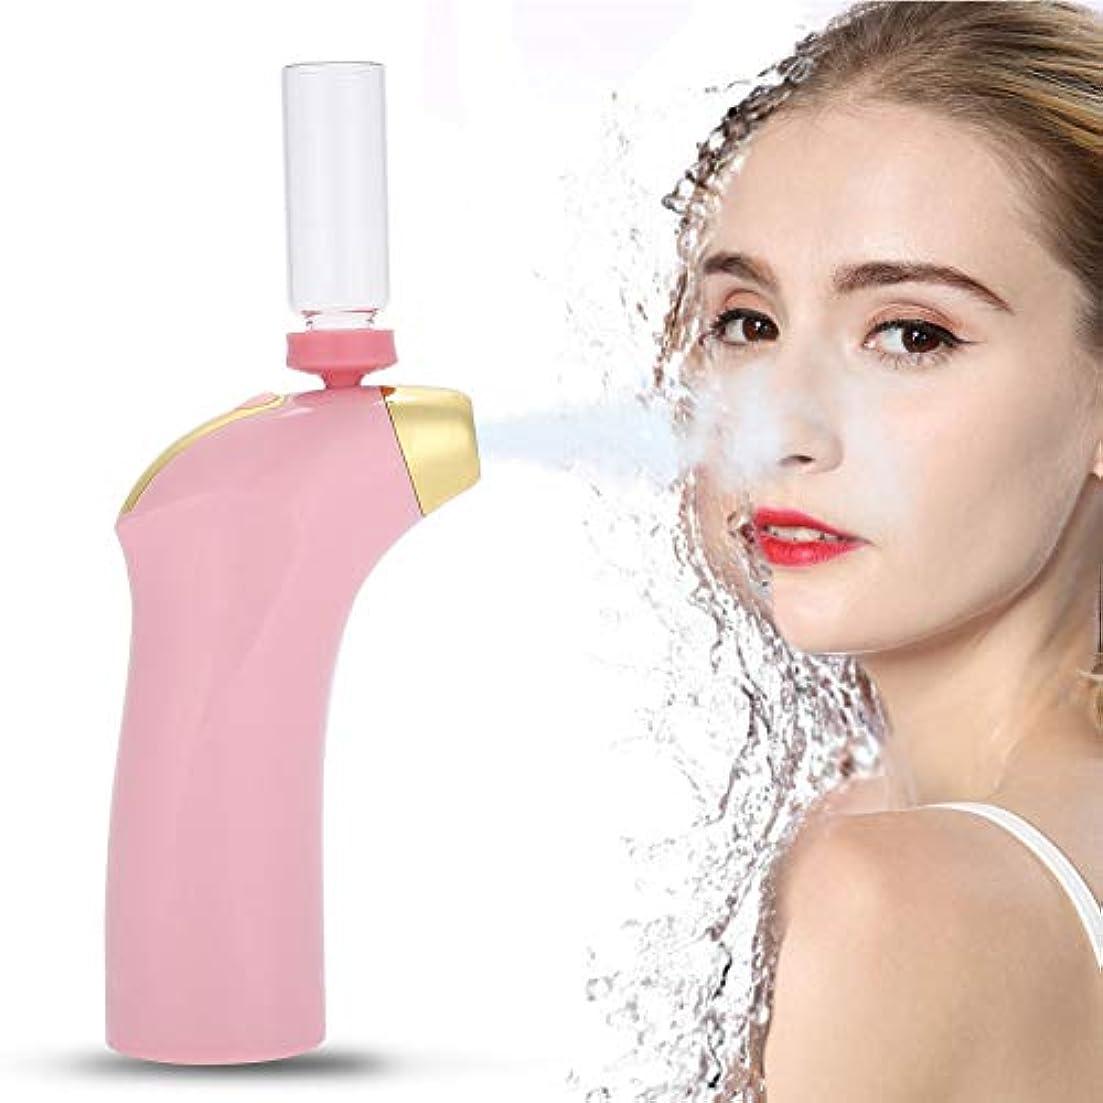 カップスケジュール追放する専門の酸素の注入のスプレーガン - 顔の皮の若返りの美機械、顔の美の器械、引き締まる皮は、肌の色合い、色素形成を改善します